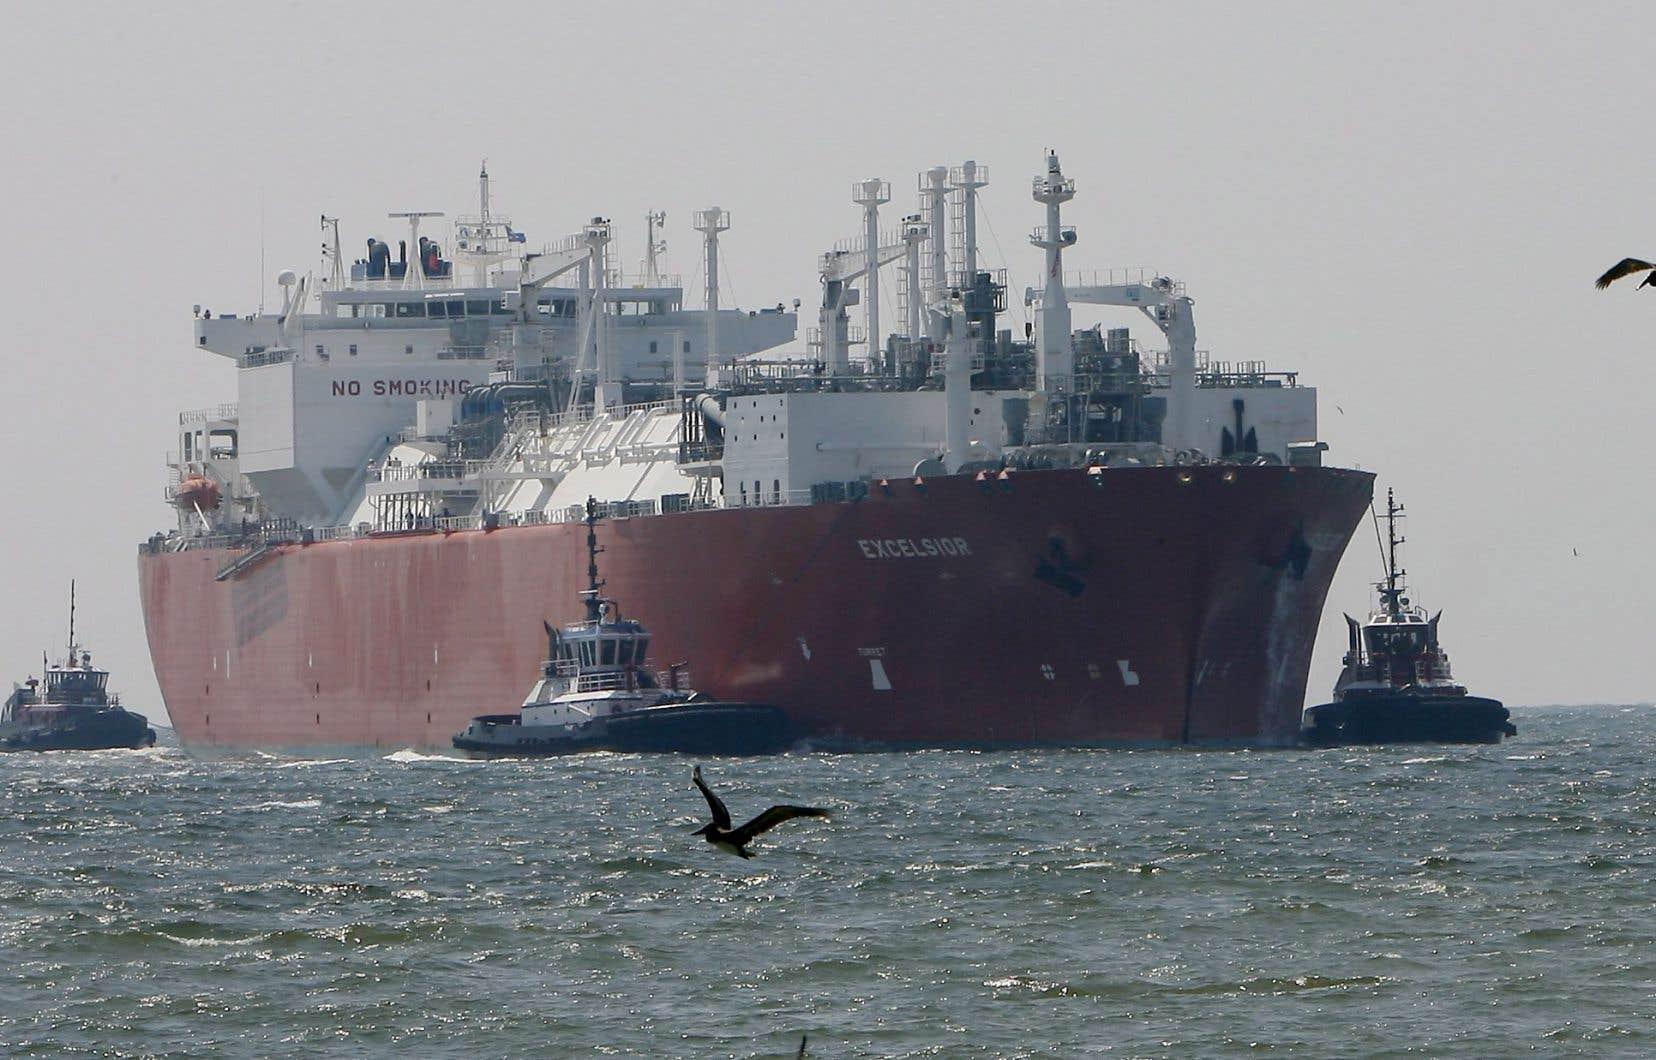 Des experts sont d'avis que le projet d'exportation de gaz albertain n'a pas été conçu pour contribuer à une éventuelle réduction des émissions mondiales de GES.